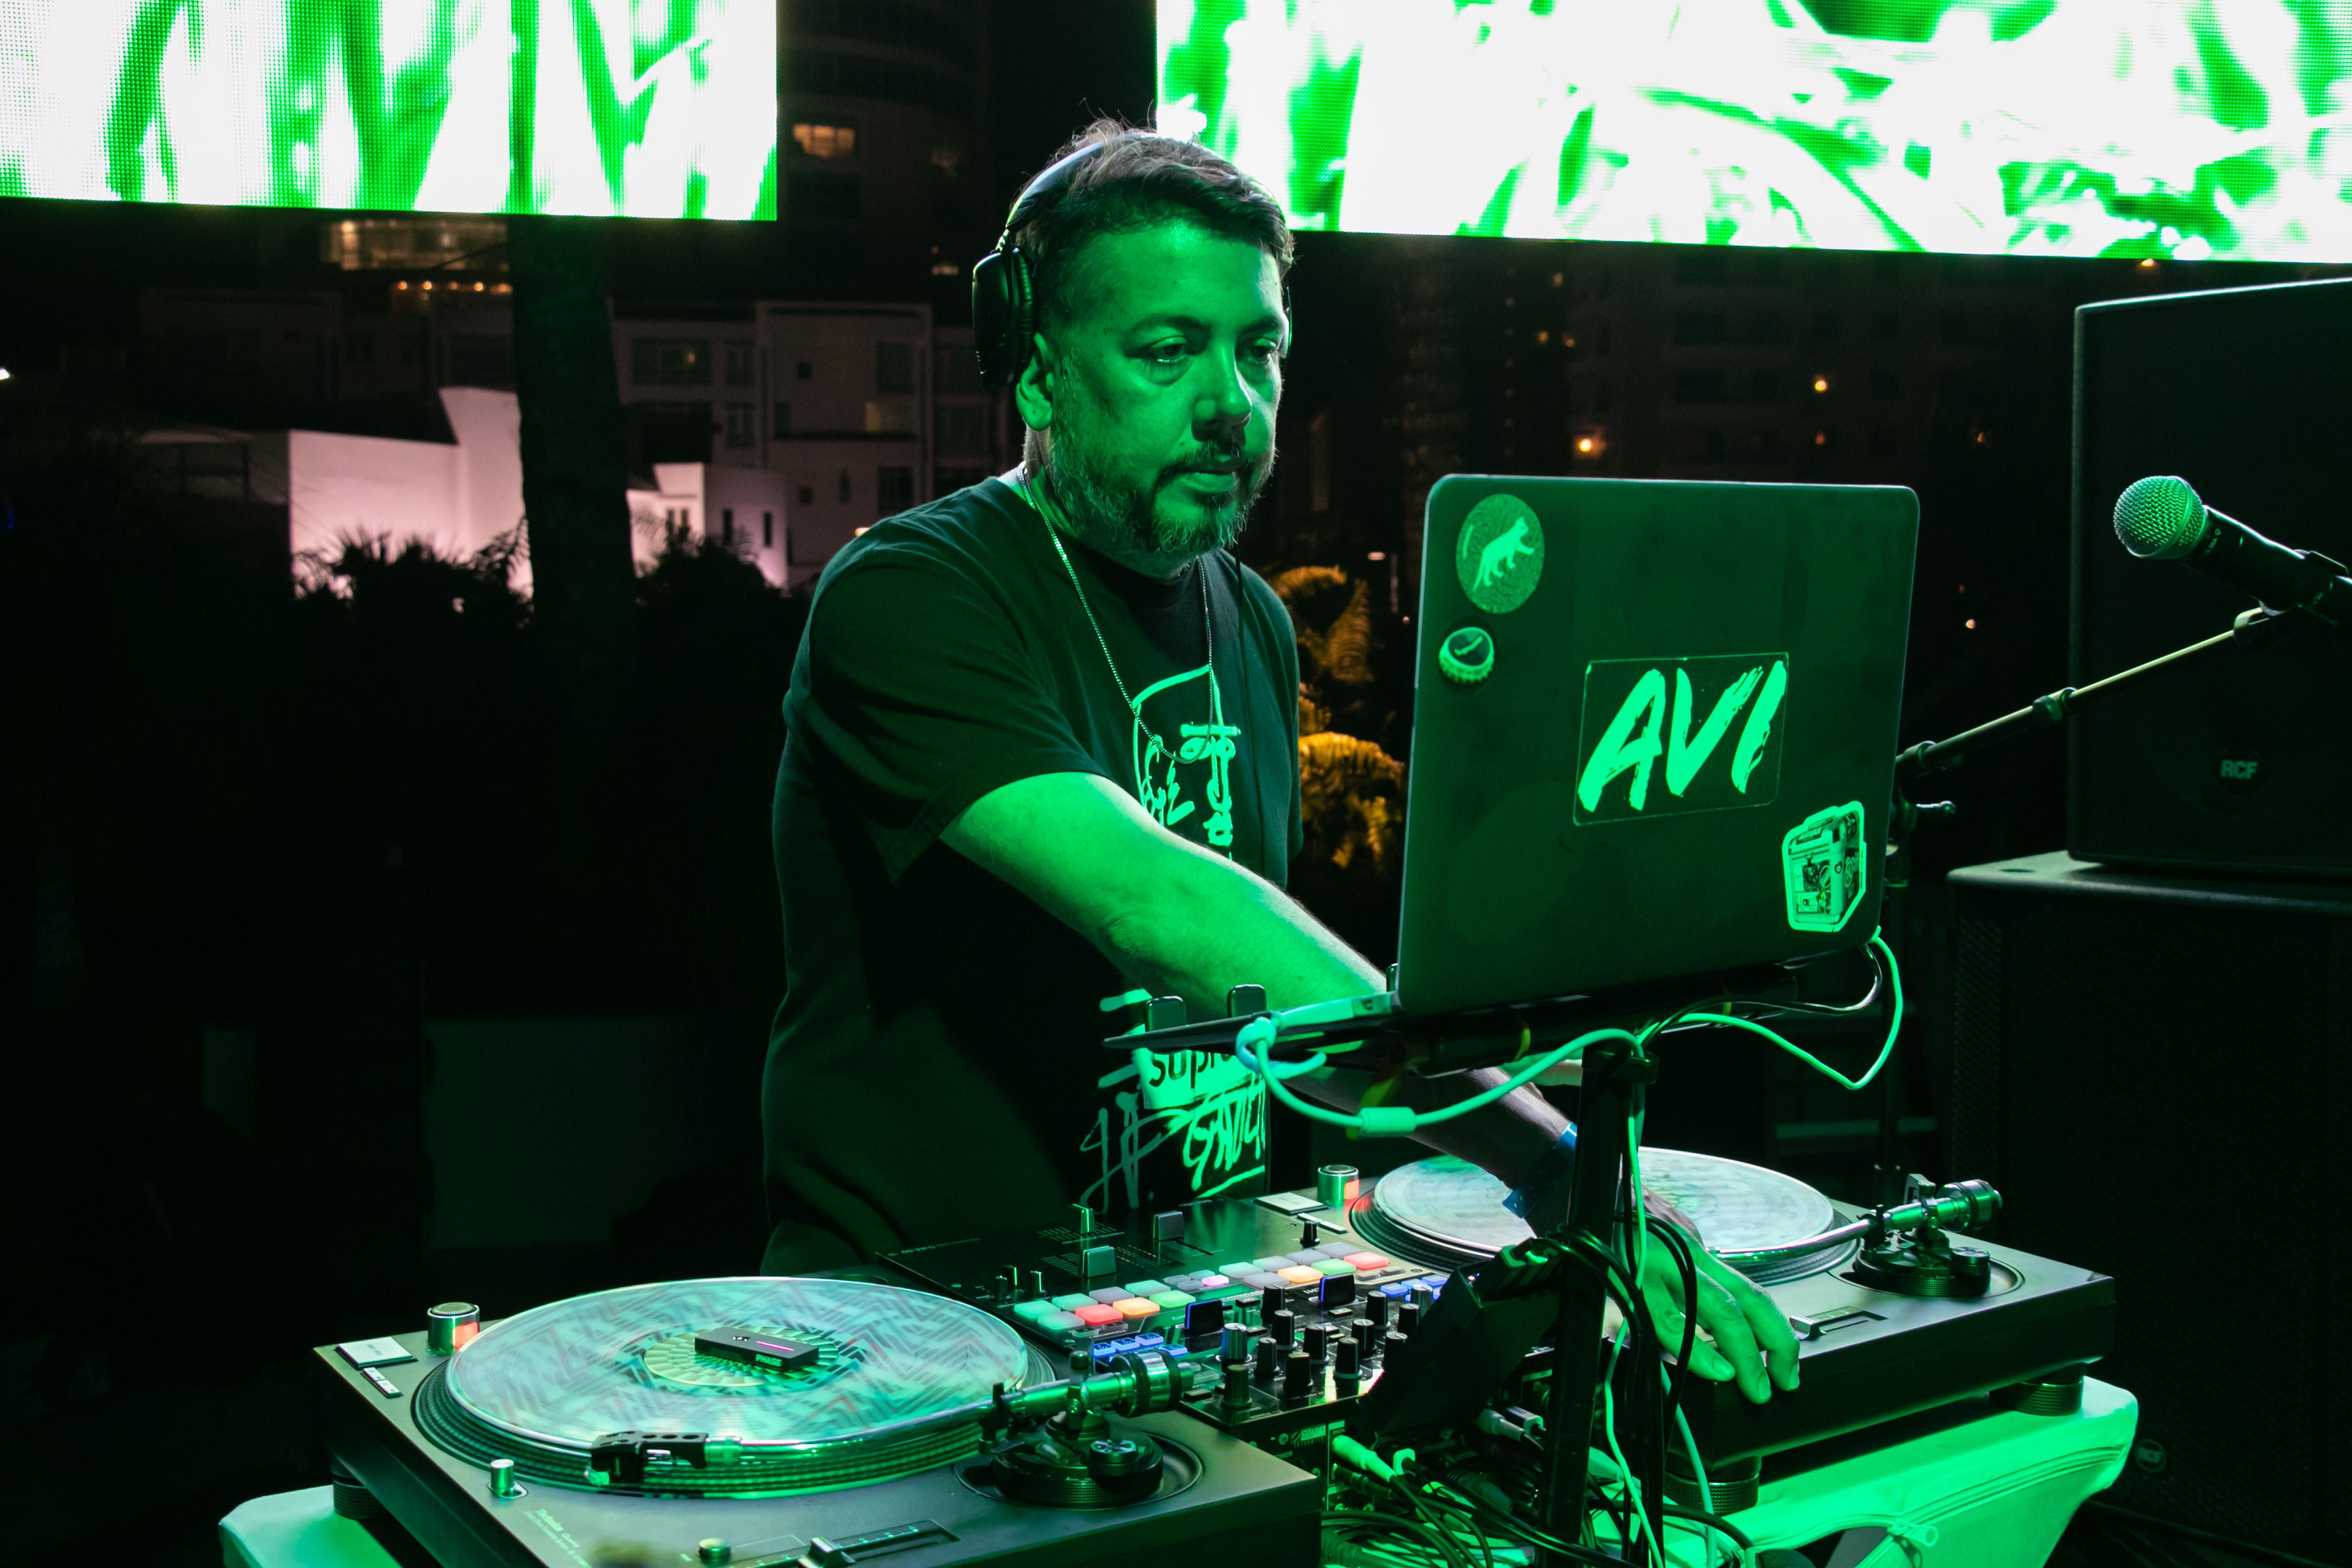 DJ Avi puso a bailar a los asistentes y personajes interactivos alusivos a la naturaleza hasta pasada la medianoche. (Suministrada)